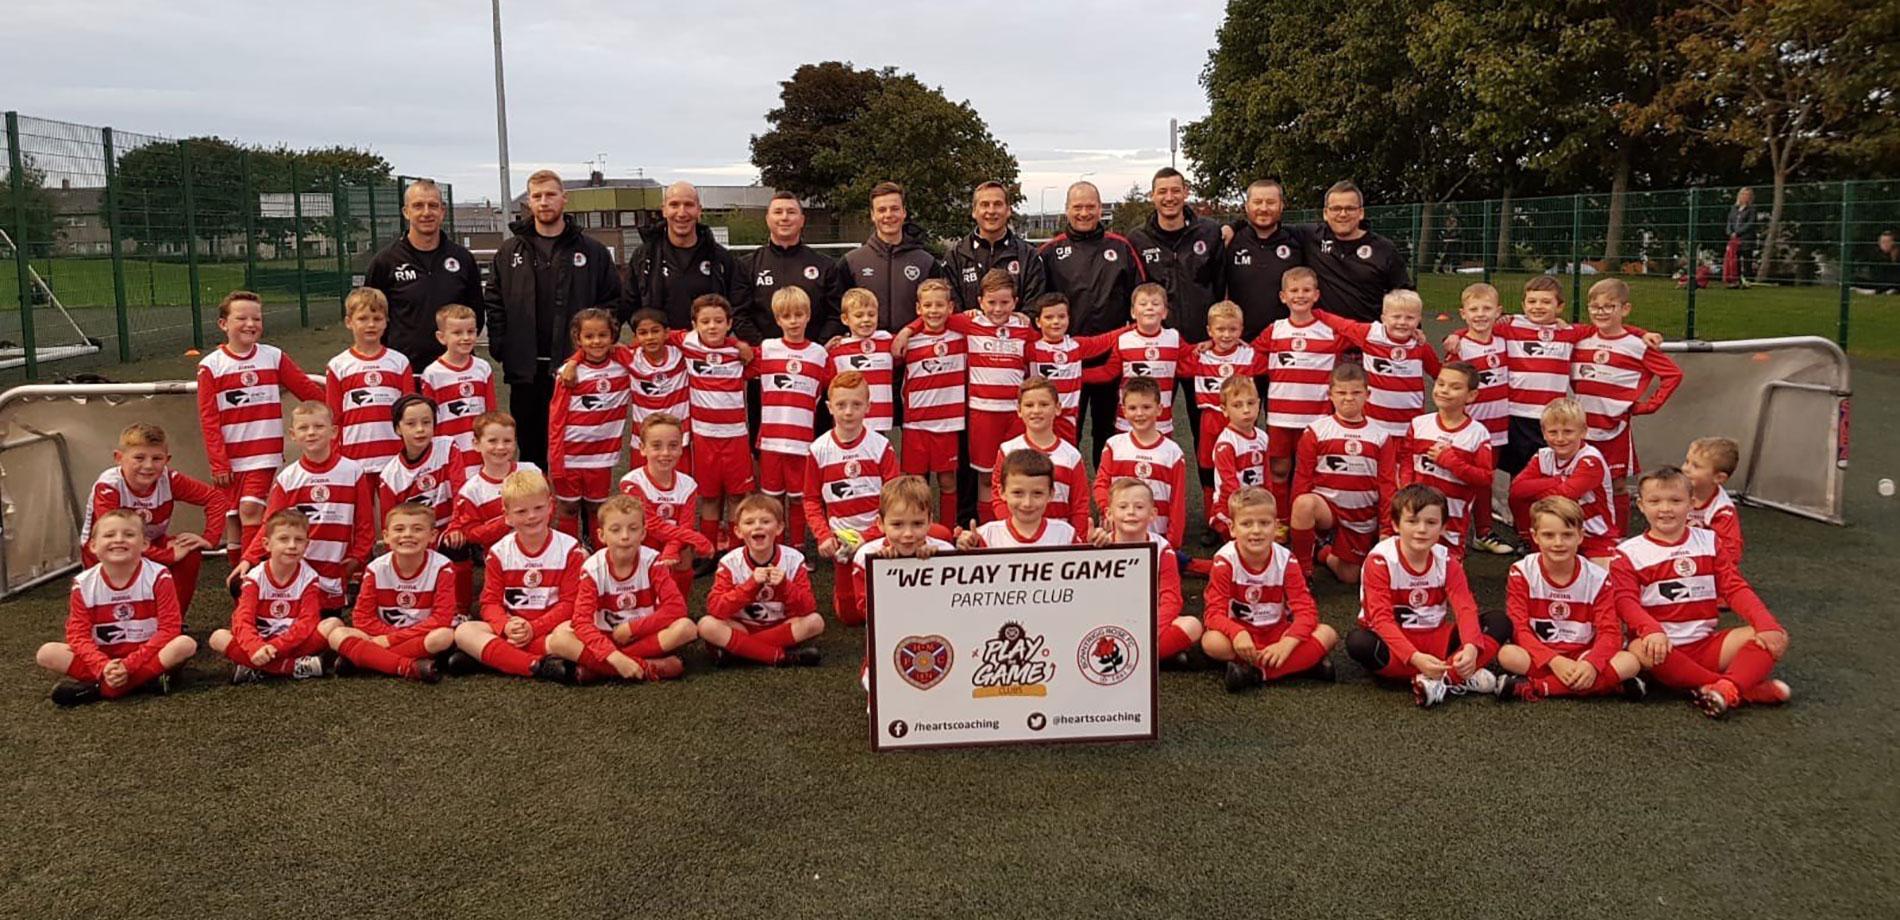 Bonnyrigg Rose Community Football Club